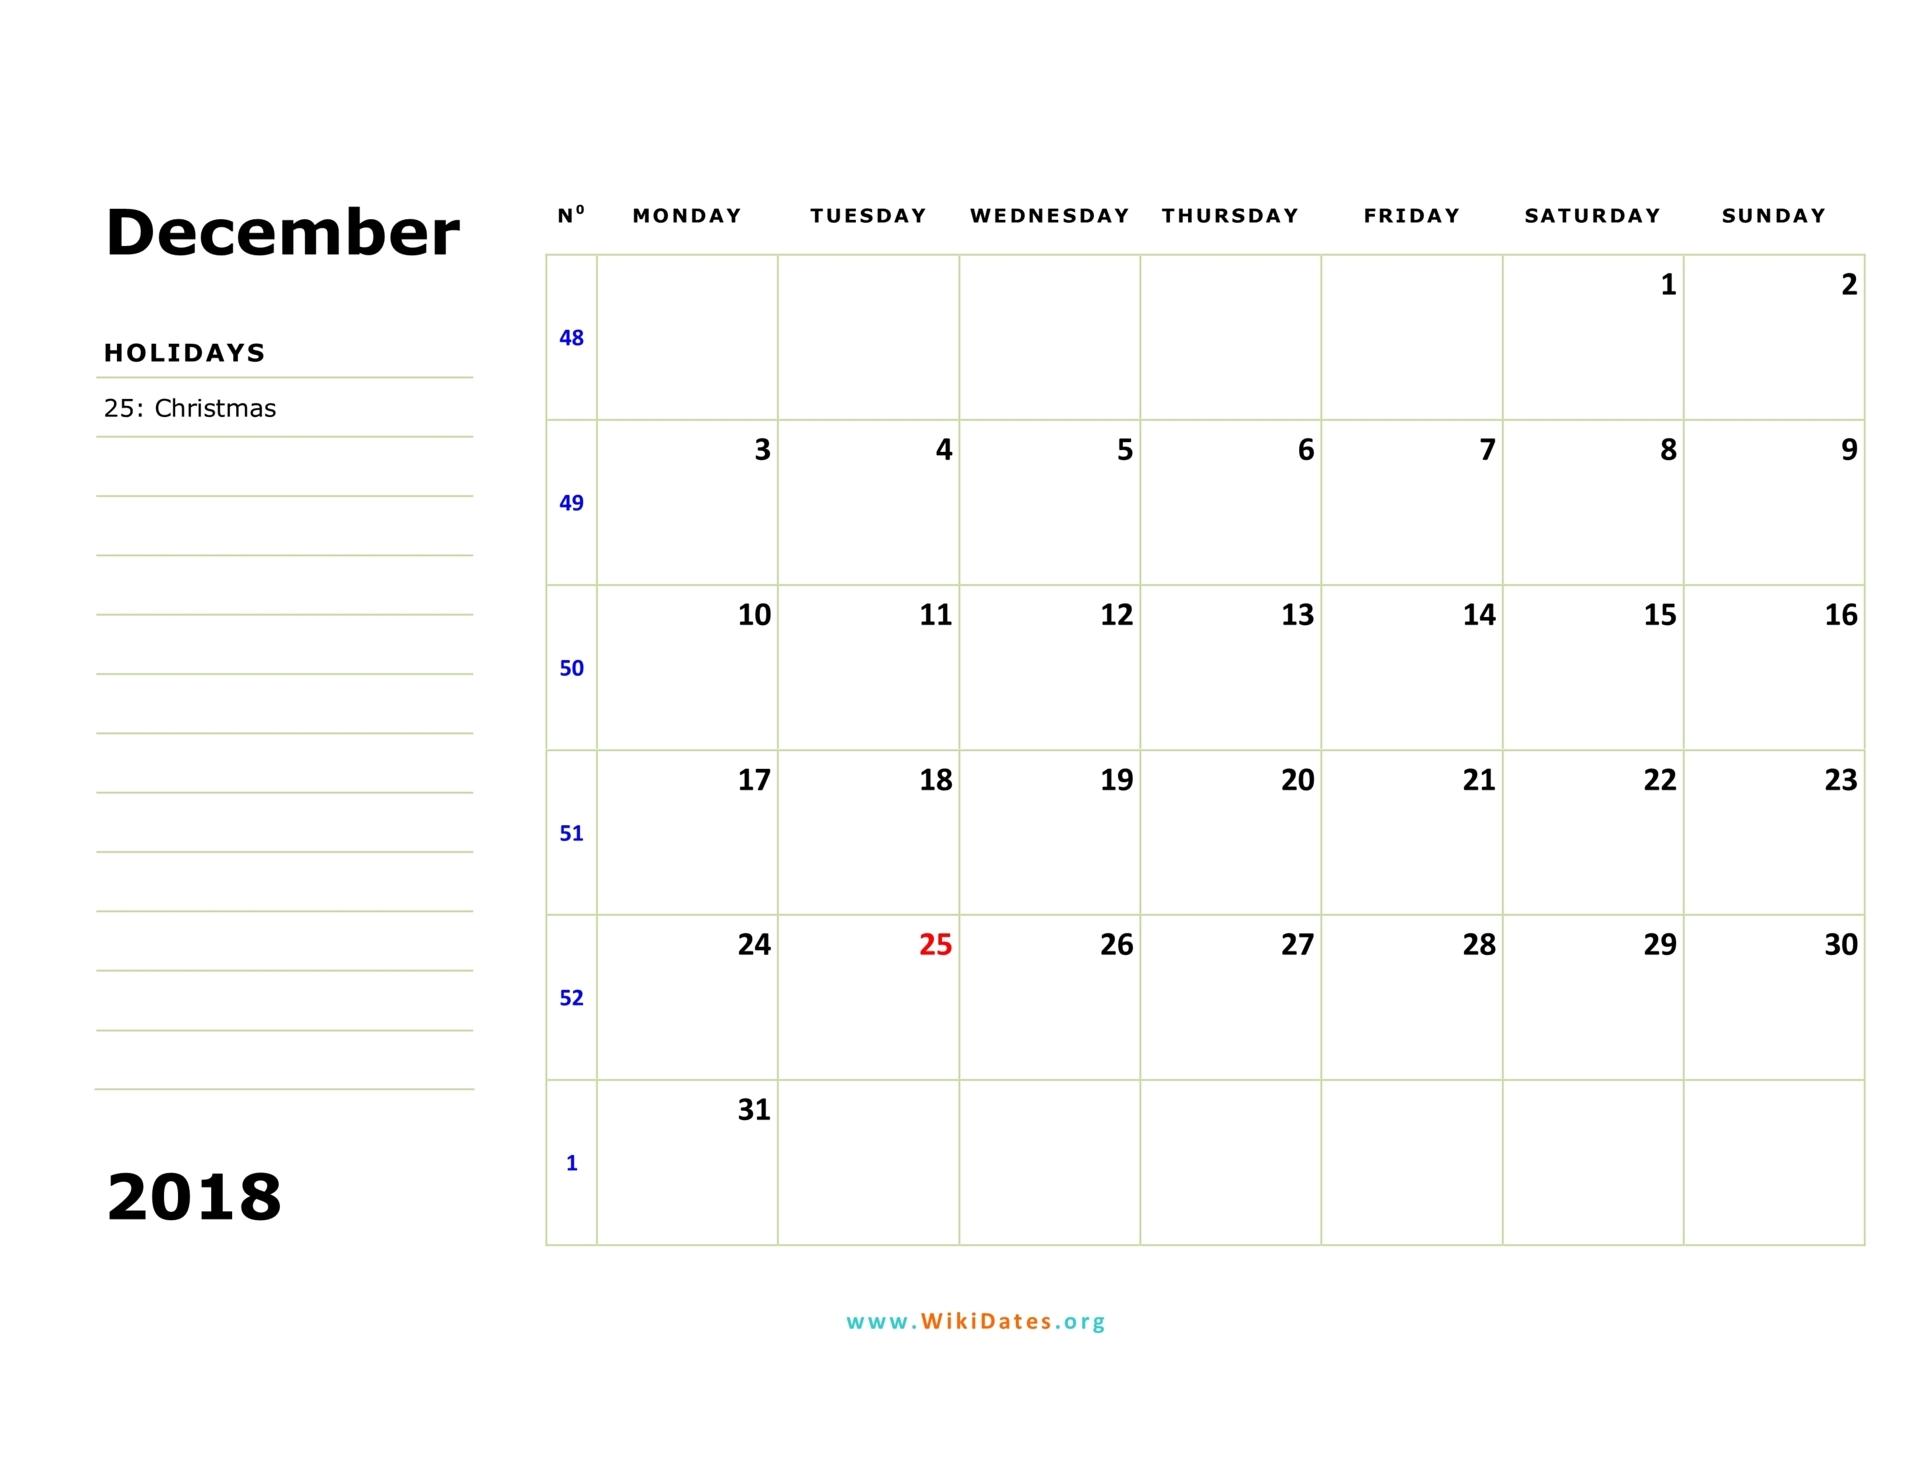 December 2018 Calendar | WikiDates.org